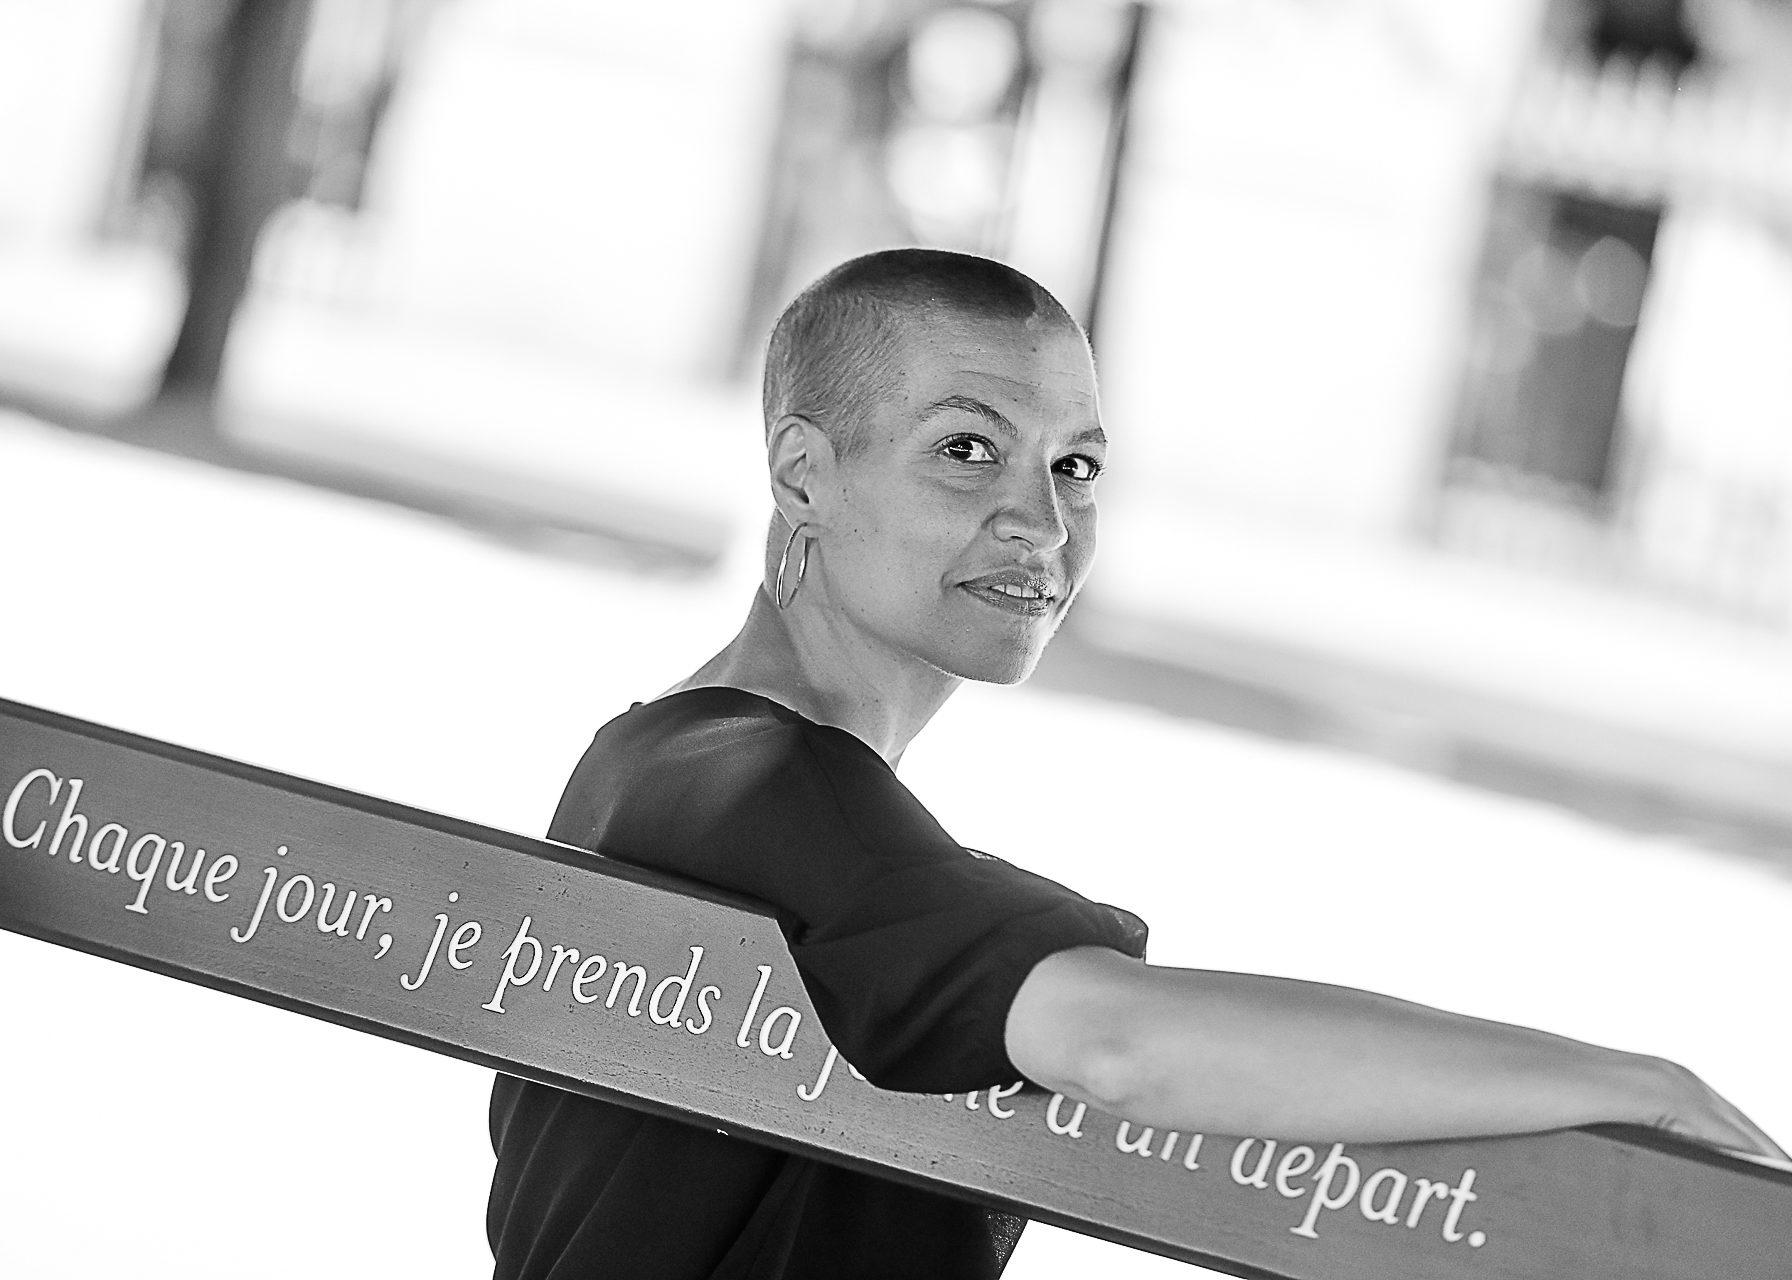 photographe-portrait-paris-jardin-du-louvre-2